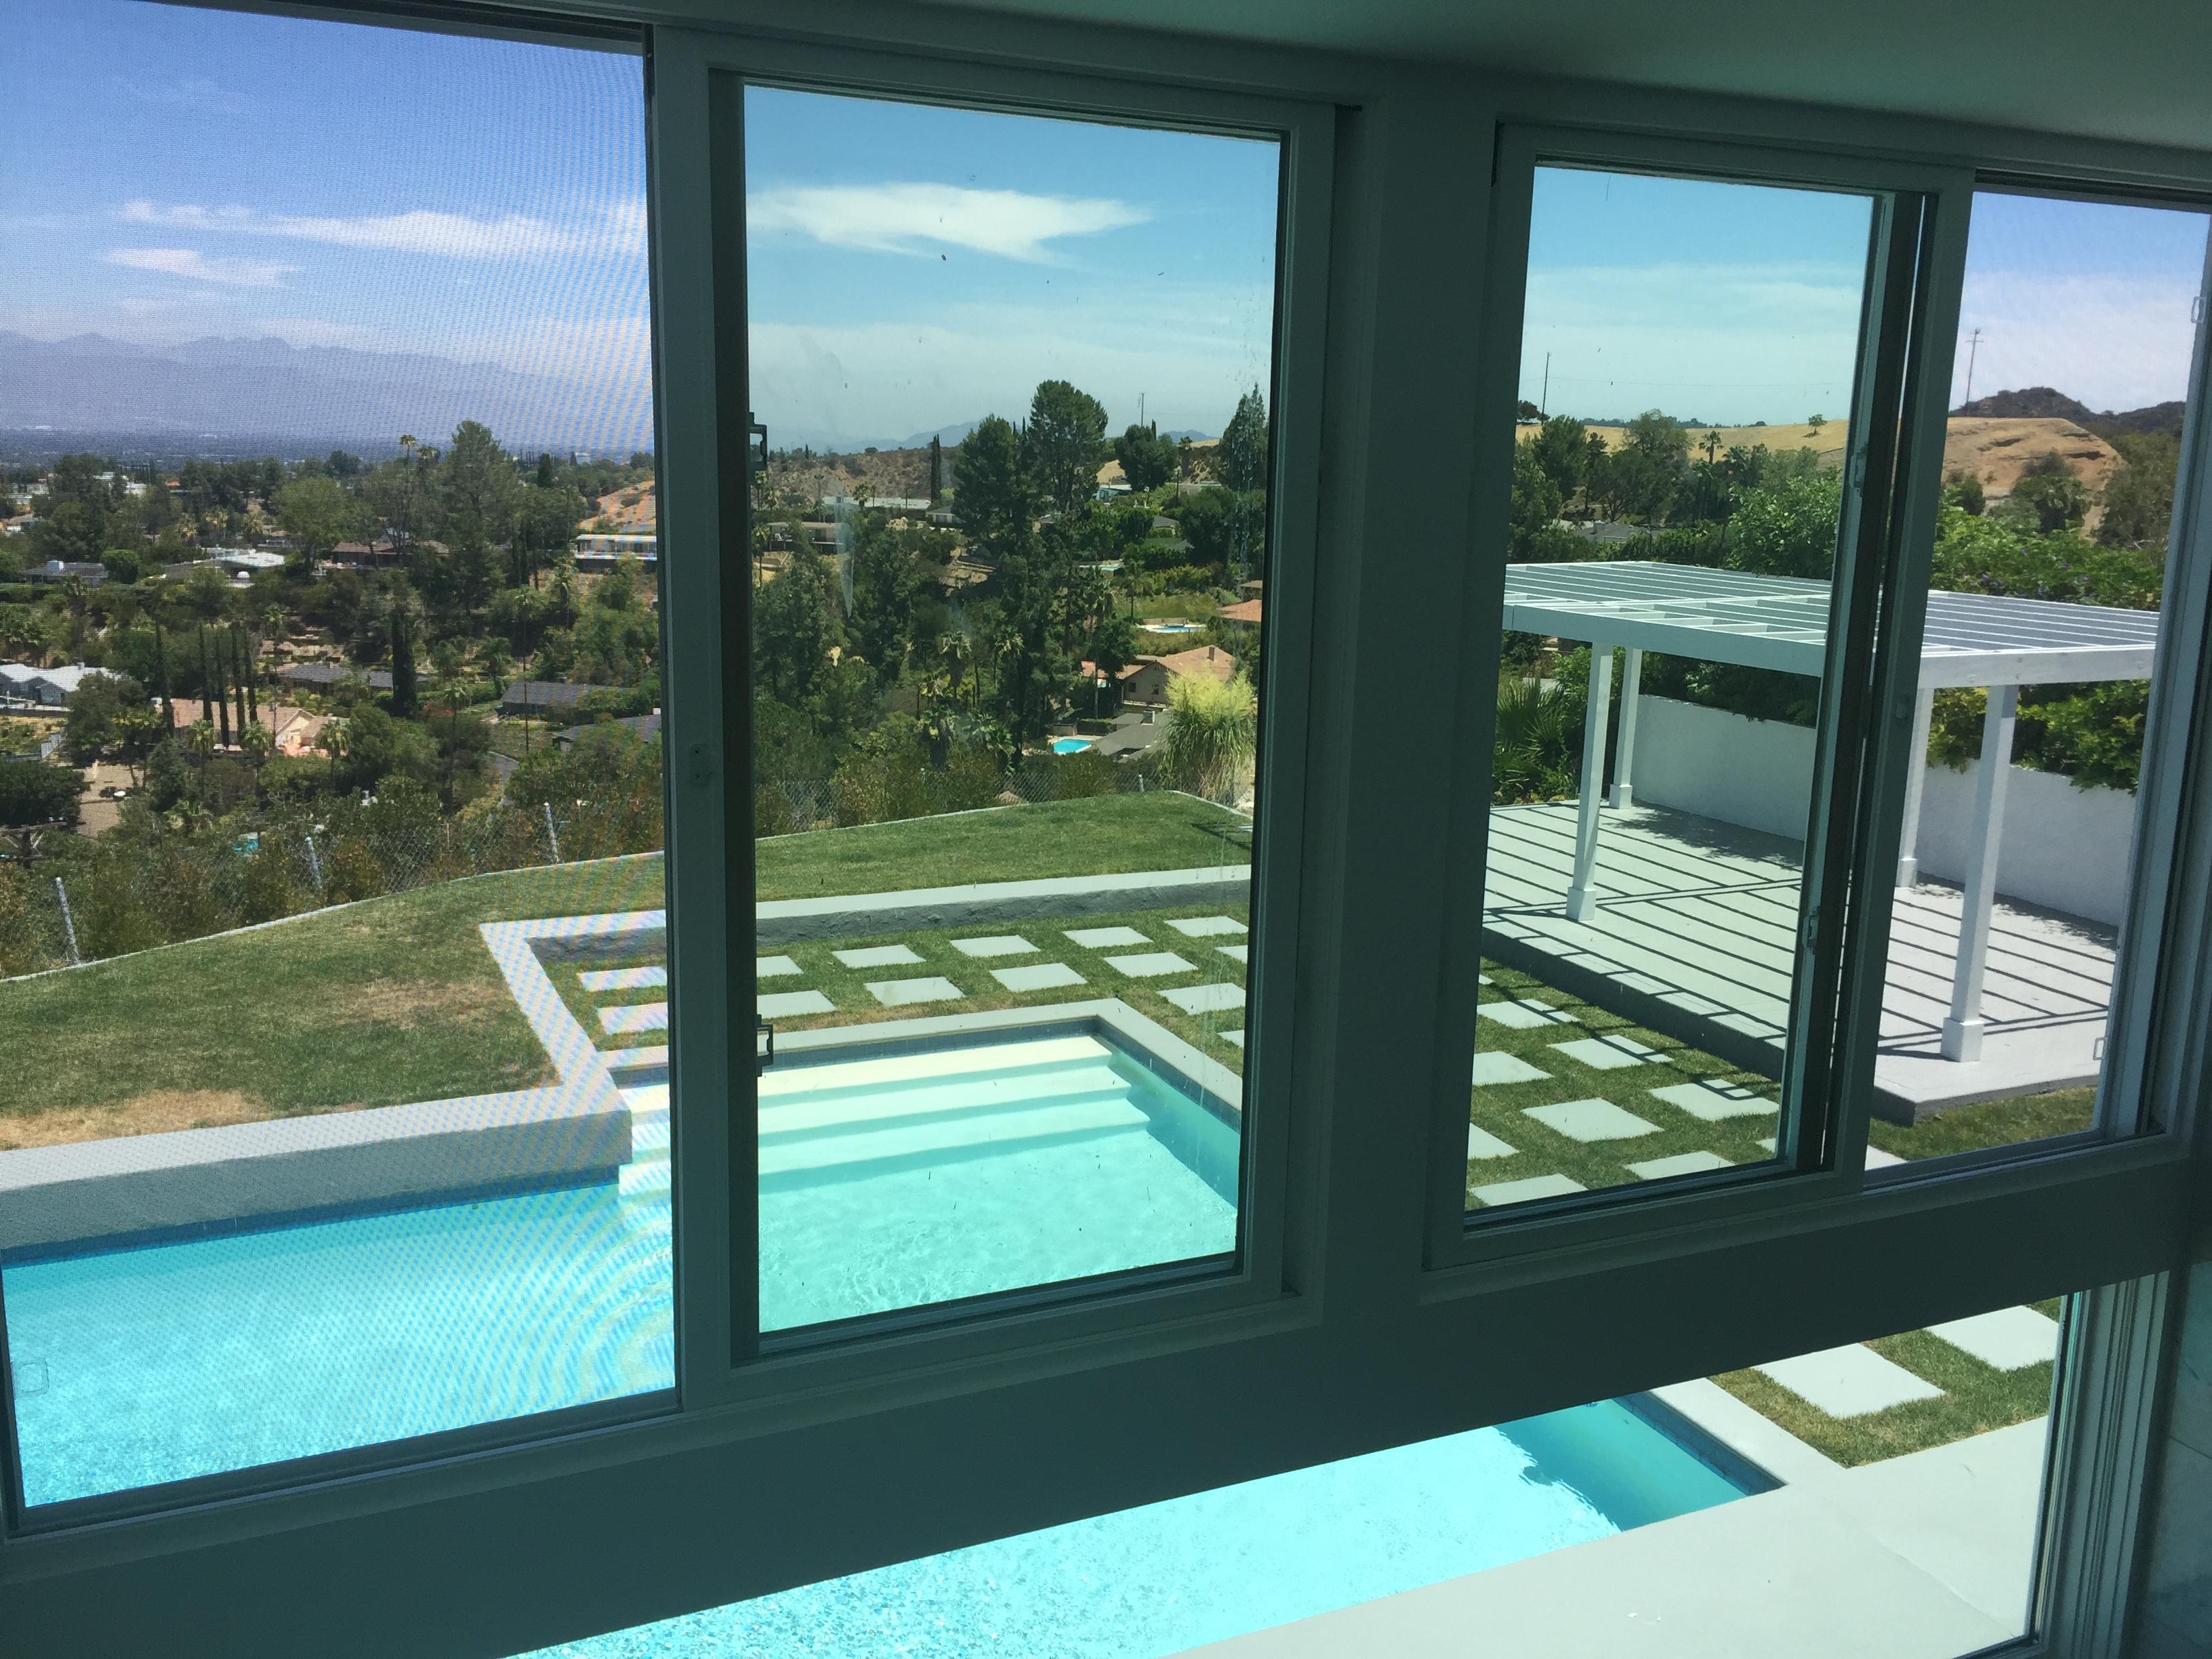 Window Screen Replacement in Tarzana